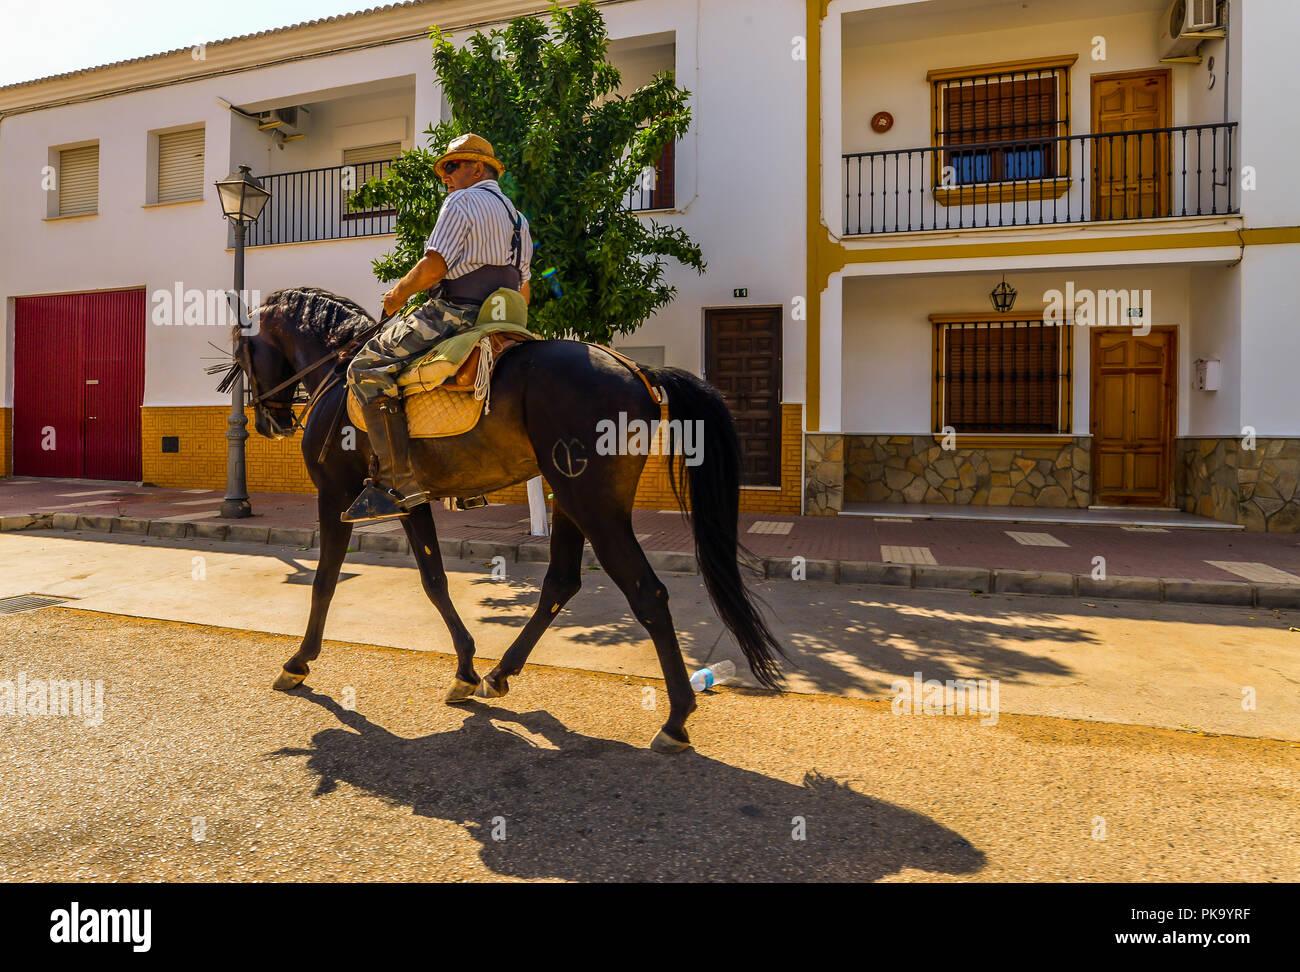 Fuente de Piedra/Spagna - 20/08/18 - un uomo che viaggia attraverso un villaggio andaluso Immagini Stock